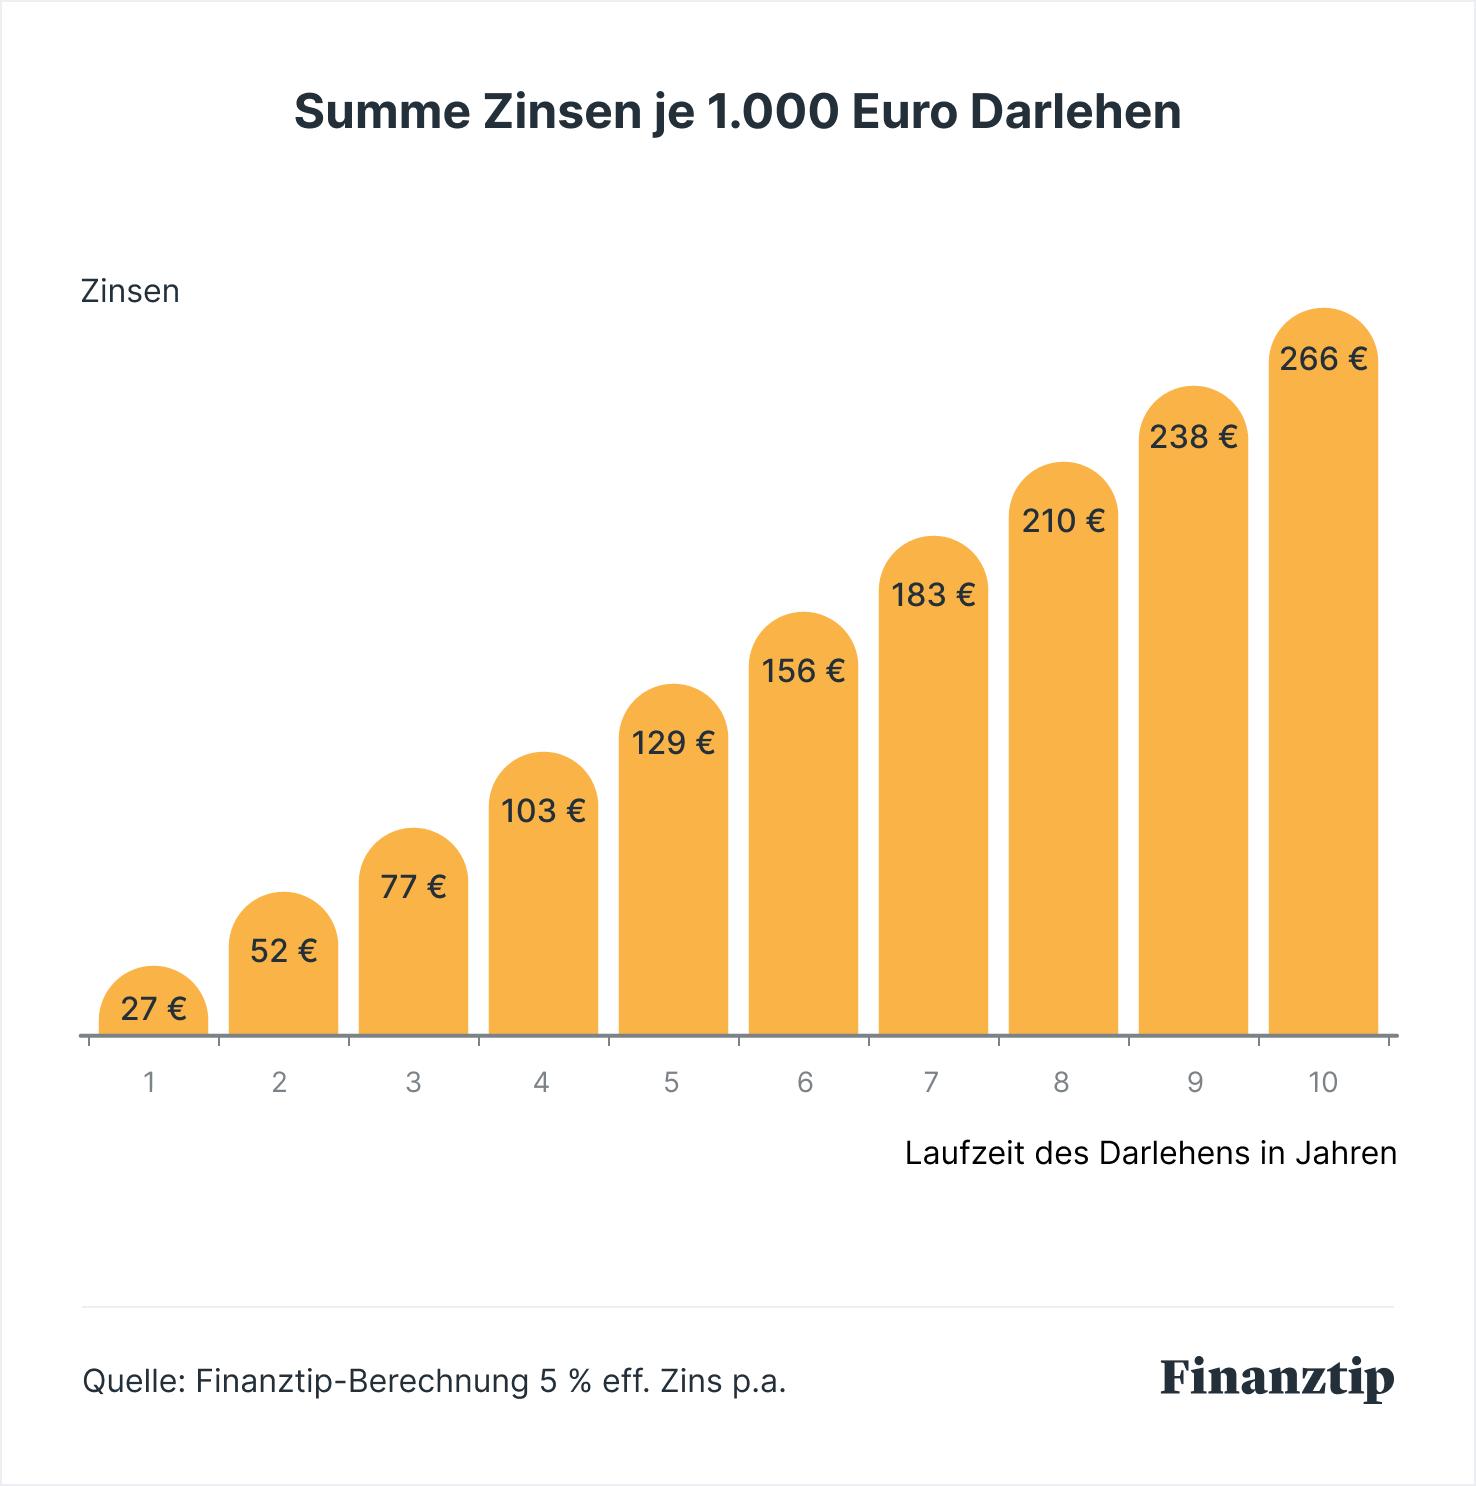 kreditvergleich g nstige kredite darlehen vergleichen im september 2018 g nstigen. Black Bedroom Furniture Sets. Home Design Ideas